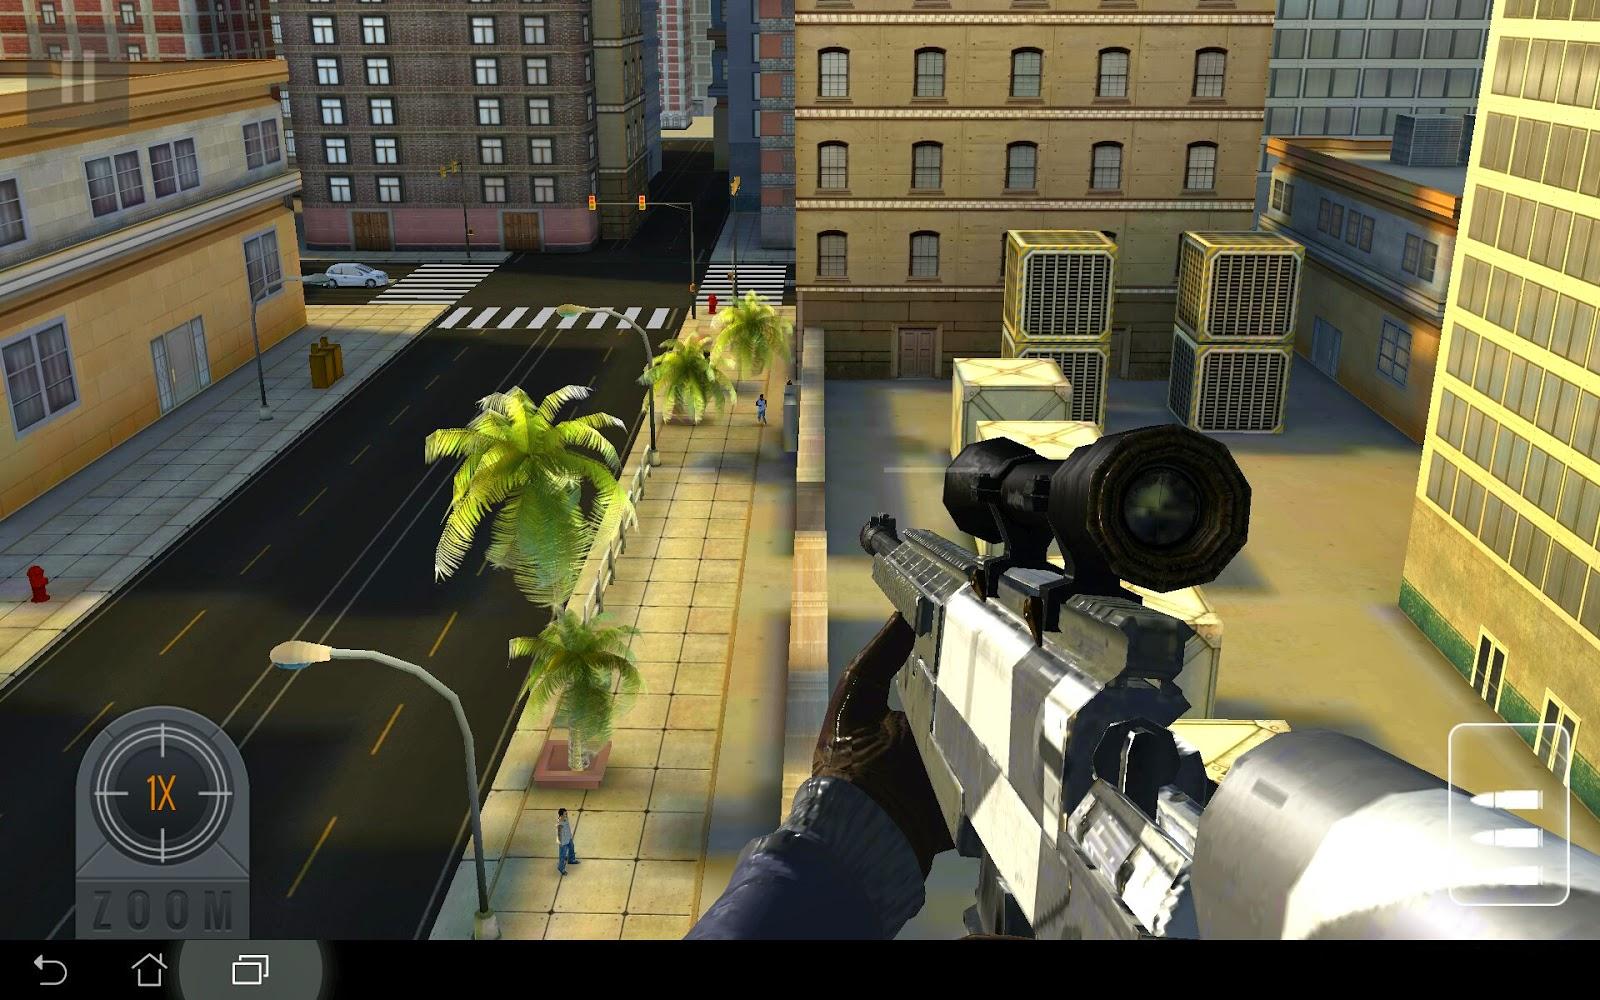 sniper 3d apk data